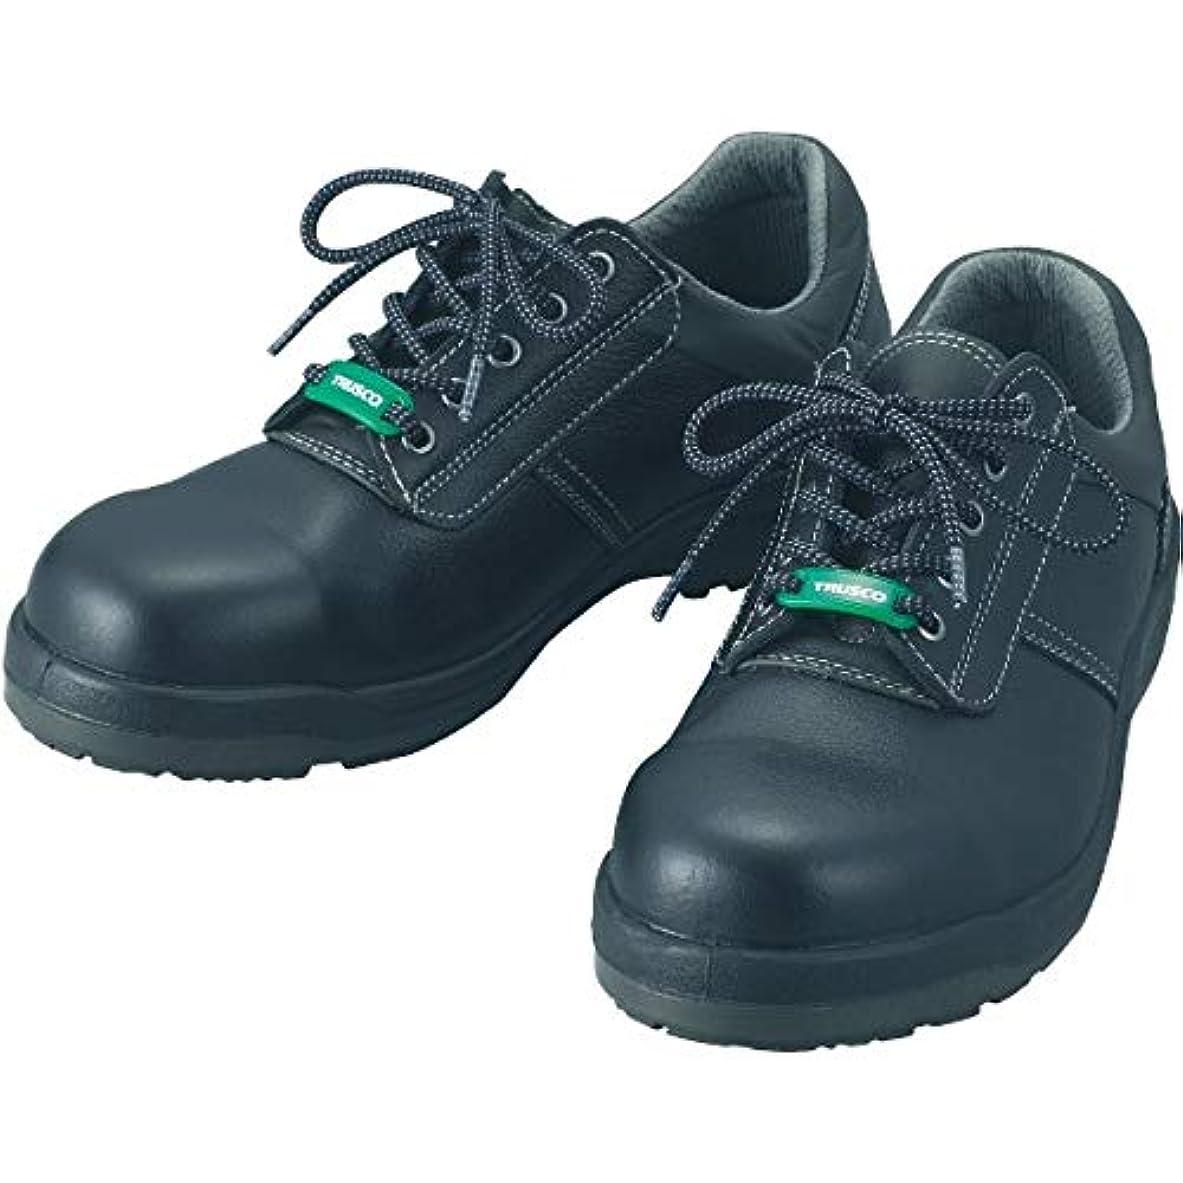 いたずらなアコー満たすトラスコ中山/TRUSCO 快適安全短靴 JIS規格品 26.0cm(3295109) TMSS-260 [その他]